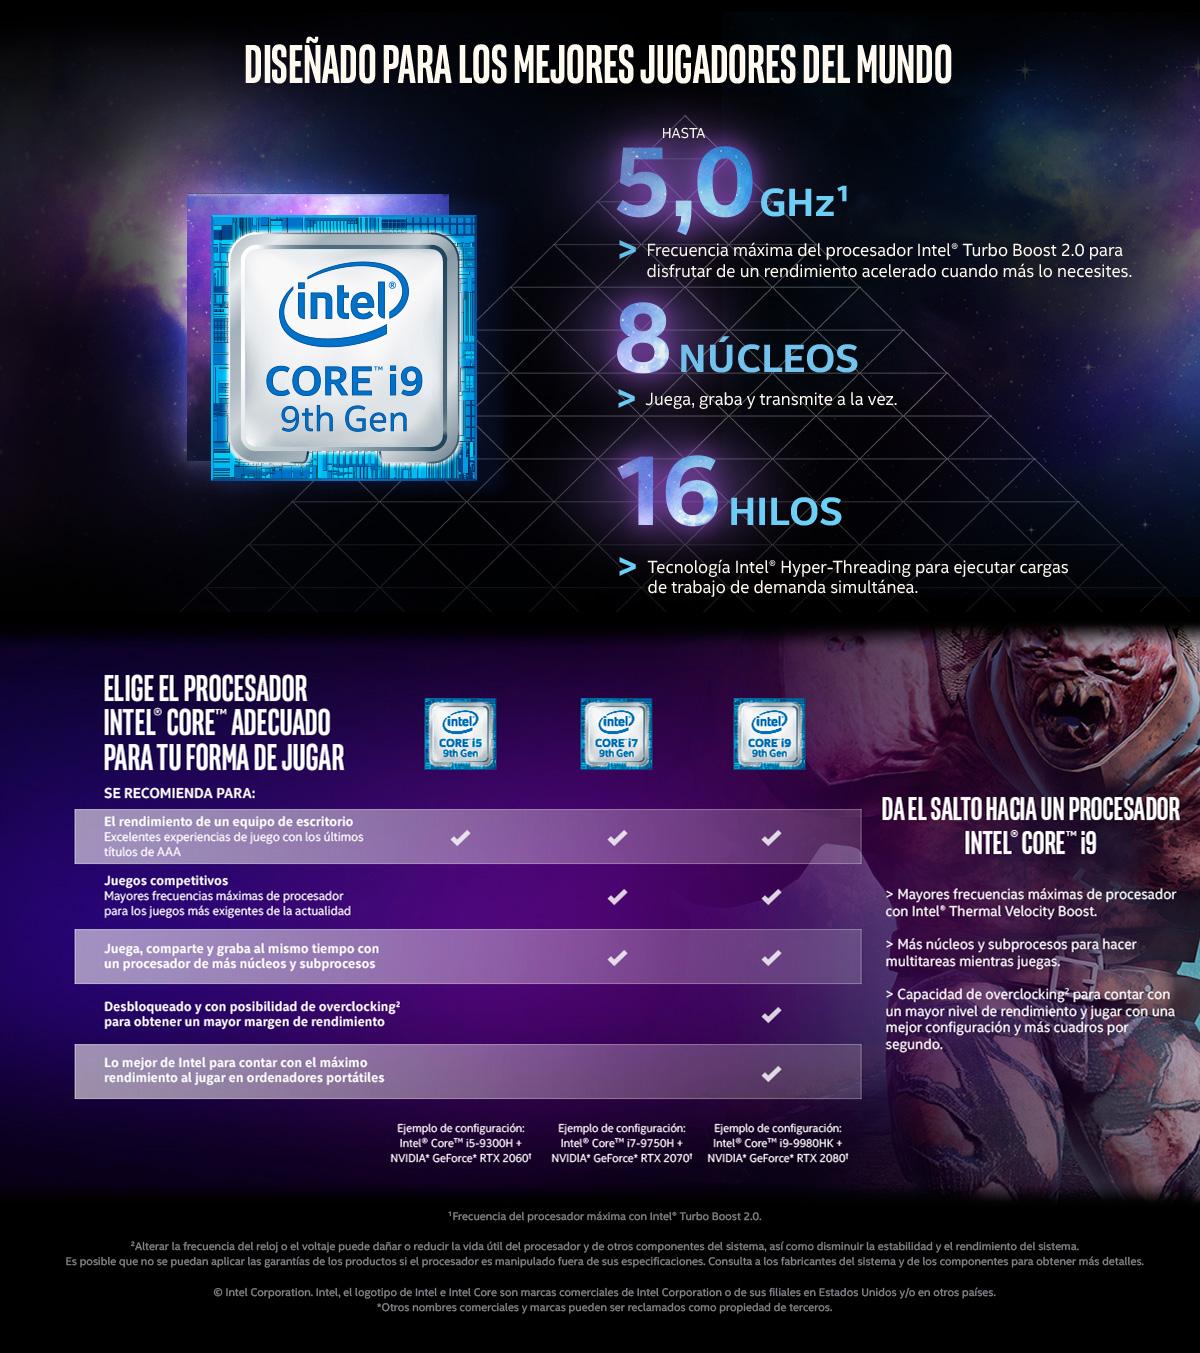 Juega como un profesional con Intel Core i9